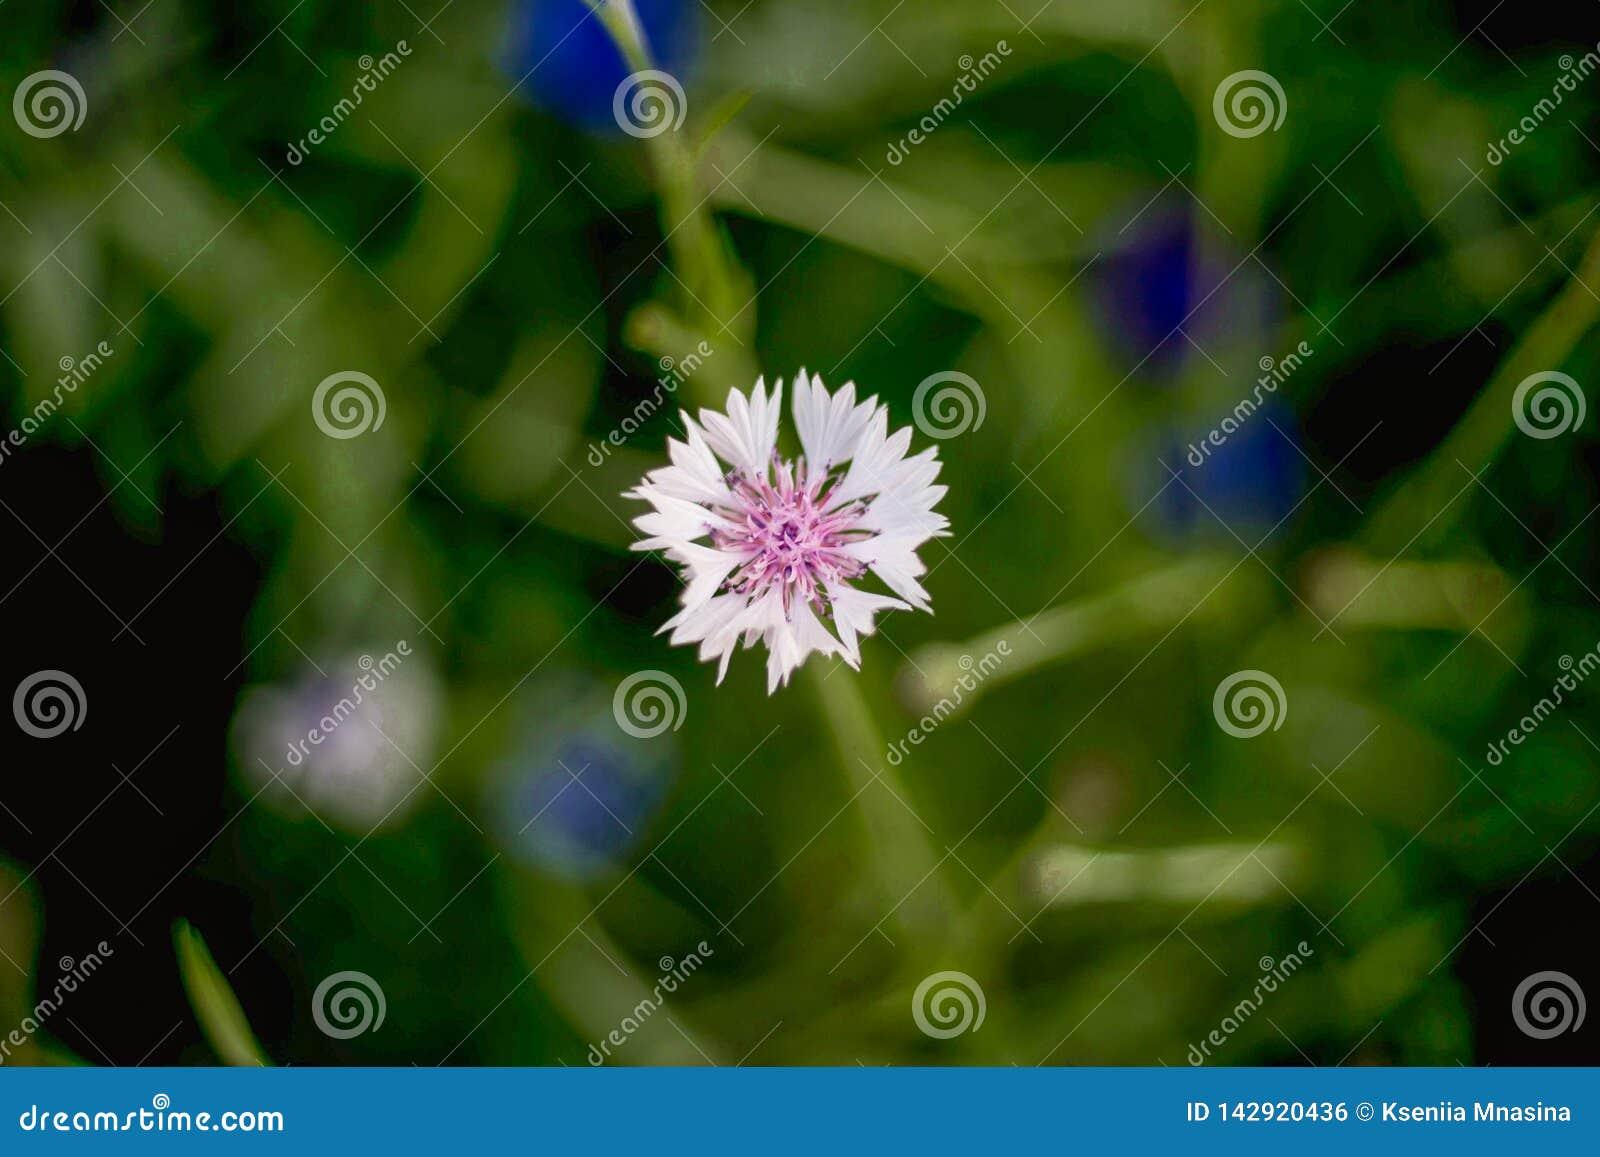 Close-up da flor branca da centáurea no fundo borrado